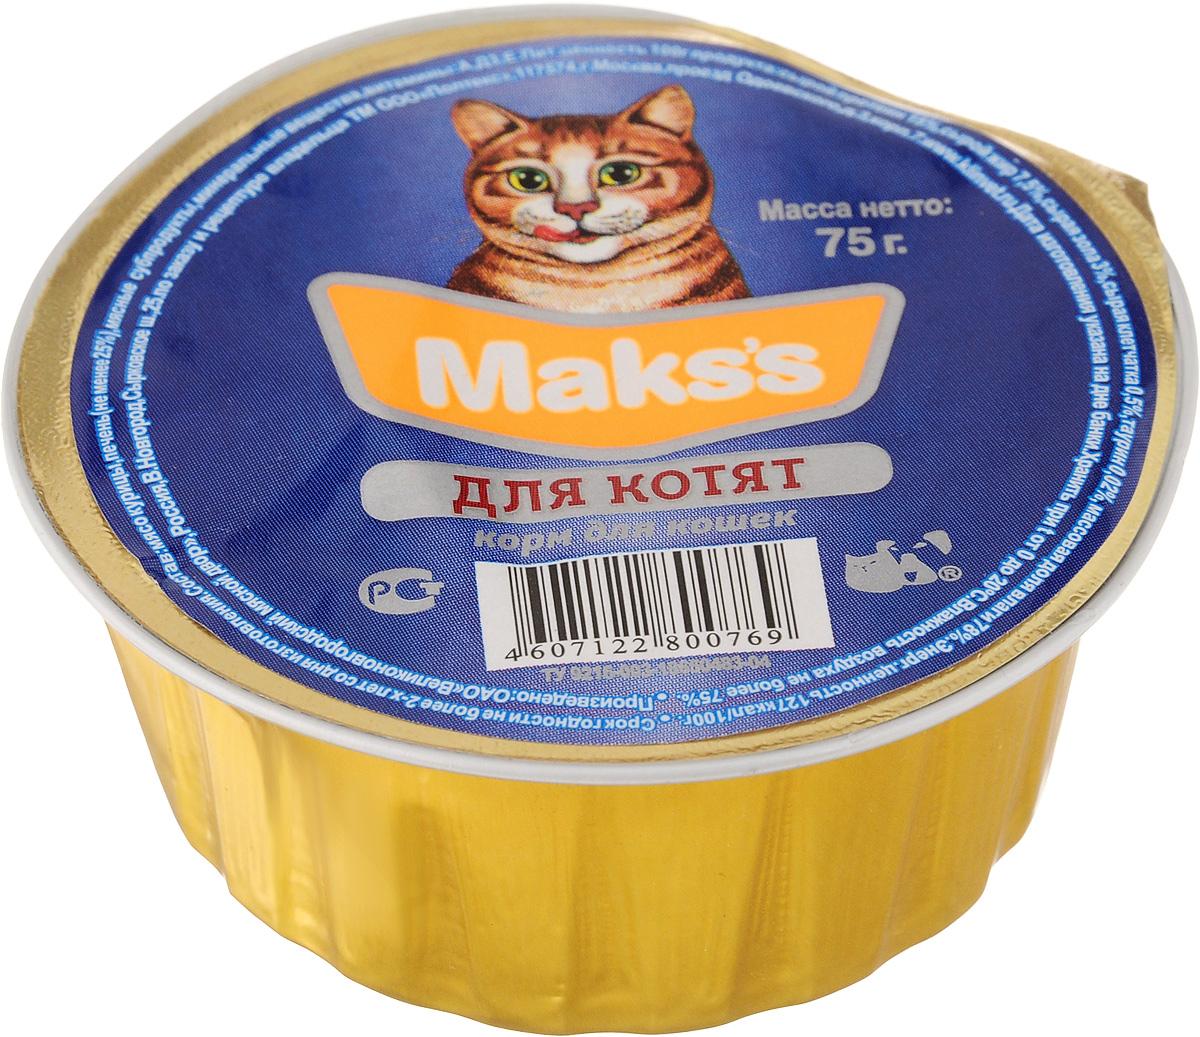 Консервированный_корм_~Maks~s~_-_это_сбалансированное_и_полнорационное_питание_для_котят,_которое_обеспечит_вашего_питомца_необходимыми_белками,_жирами,витаминами_и_микроэлементами.Состав_корма_идеально_подходит_для_кормления_котенка._Удобная_одноразовая_упаковка_сохраняет_корм_свежим_и_позволяет_контролировать_порцию_потребления.Состав:_курица,_печень_(не_менее_25%25),_мясные_субпродукты,_печень,_минеральные_вещества,_витамины_А,_D3,_Е.Питательная_ценность_100_г_продукта:_протеин_15%25,_жир_7,5%25,_зола_3%25,_клетчатка_0,5%25,_таурин_0,02%25,_массовая_доля_влаги_78%25.Товар_сертифицирован.